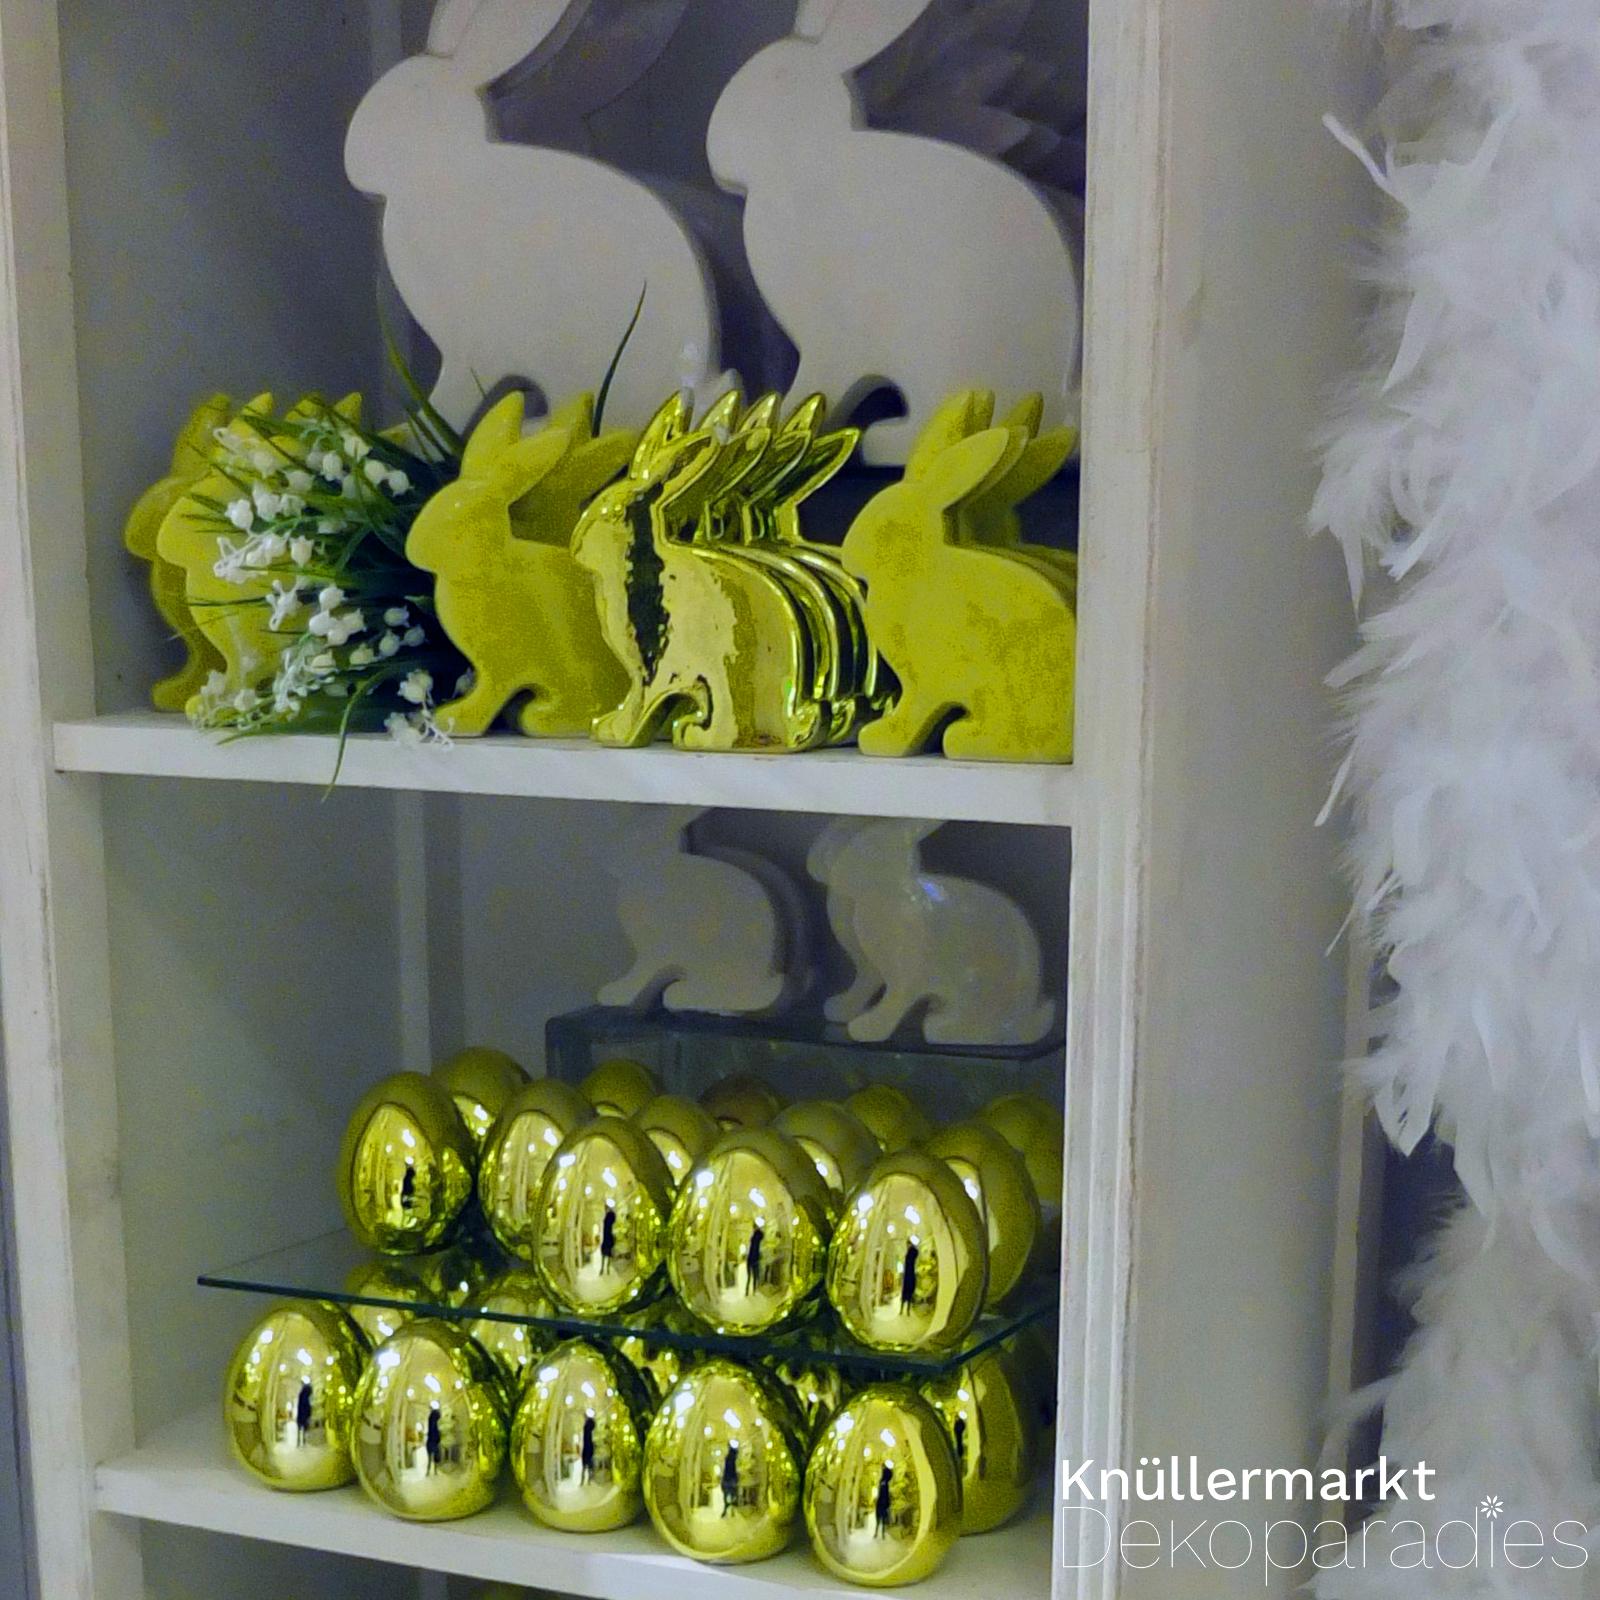 gallerie-7-themenseite-oster-ostern-easter-hase-eier-blume-deko-paradies-knuellermarkt